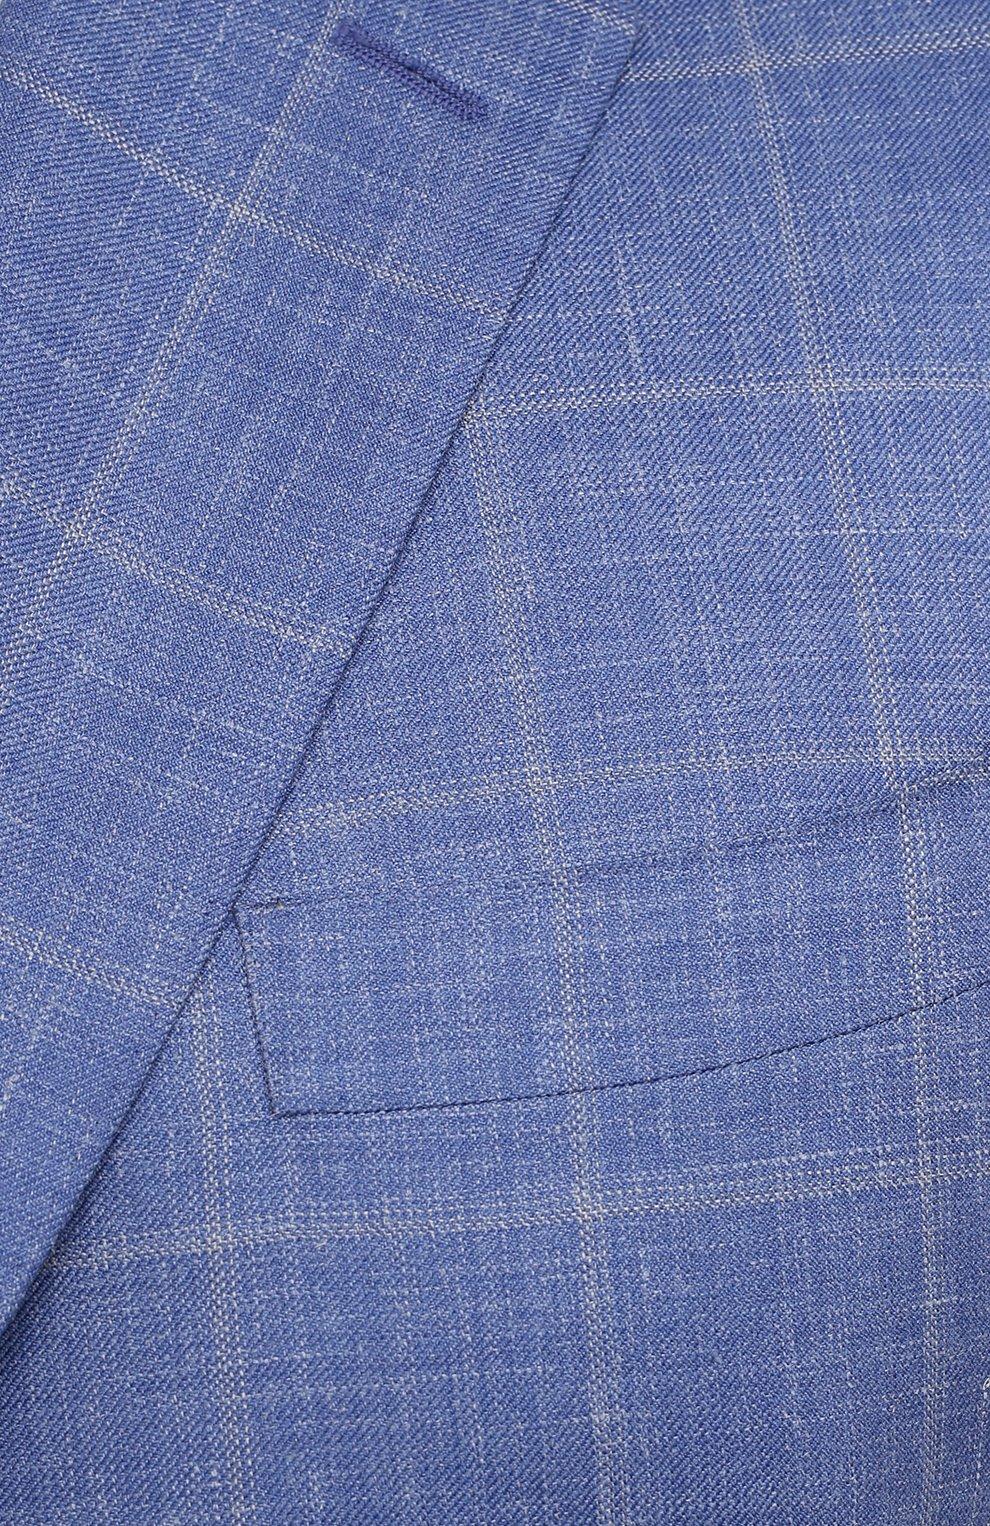 Мужской пиджак из шерсти и шелка CANALI синего цвета, арт. 11280/CF00435/60-64   Фото 5